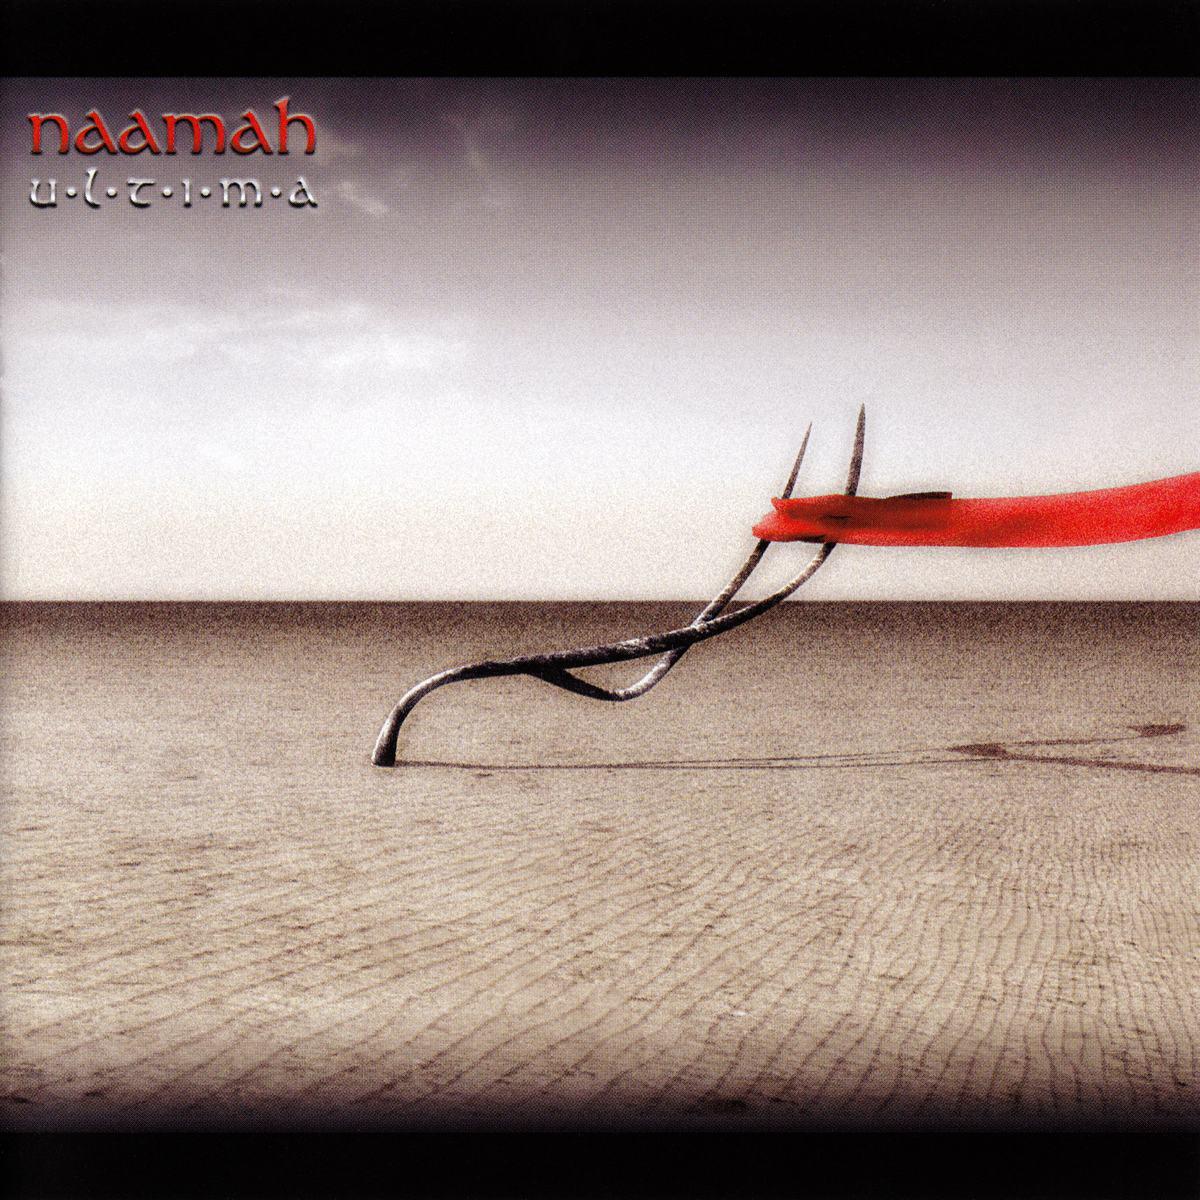 Naamah - Ultima